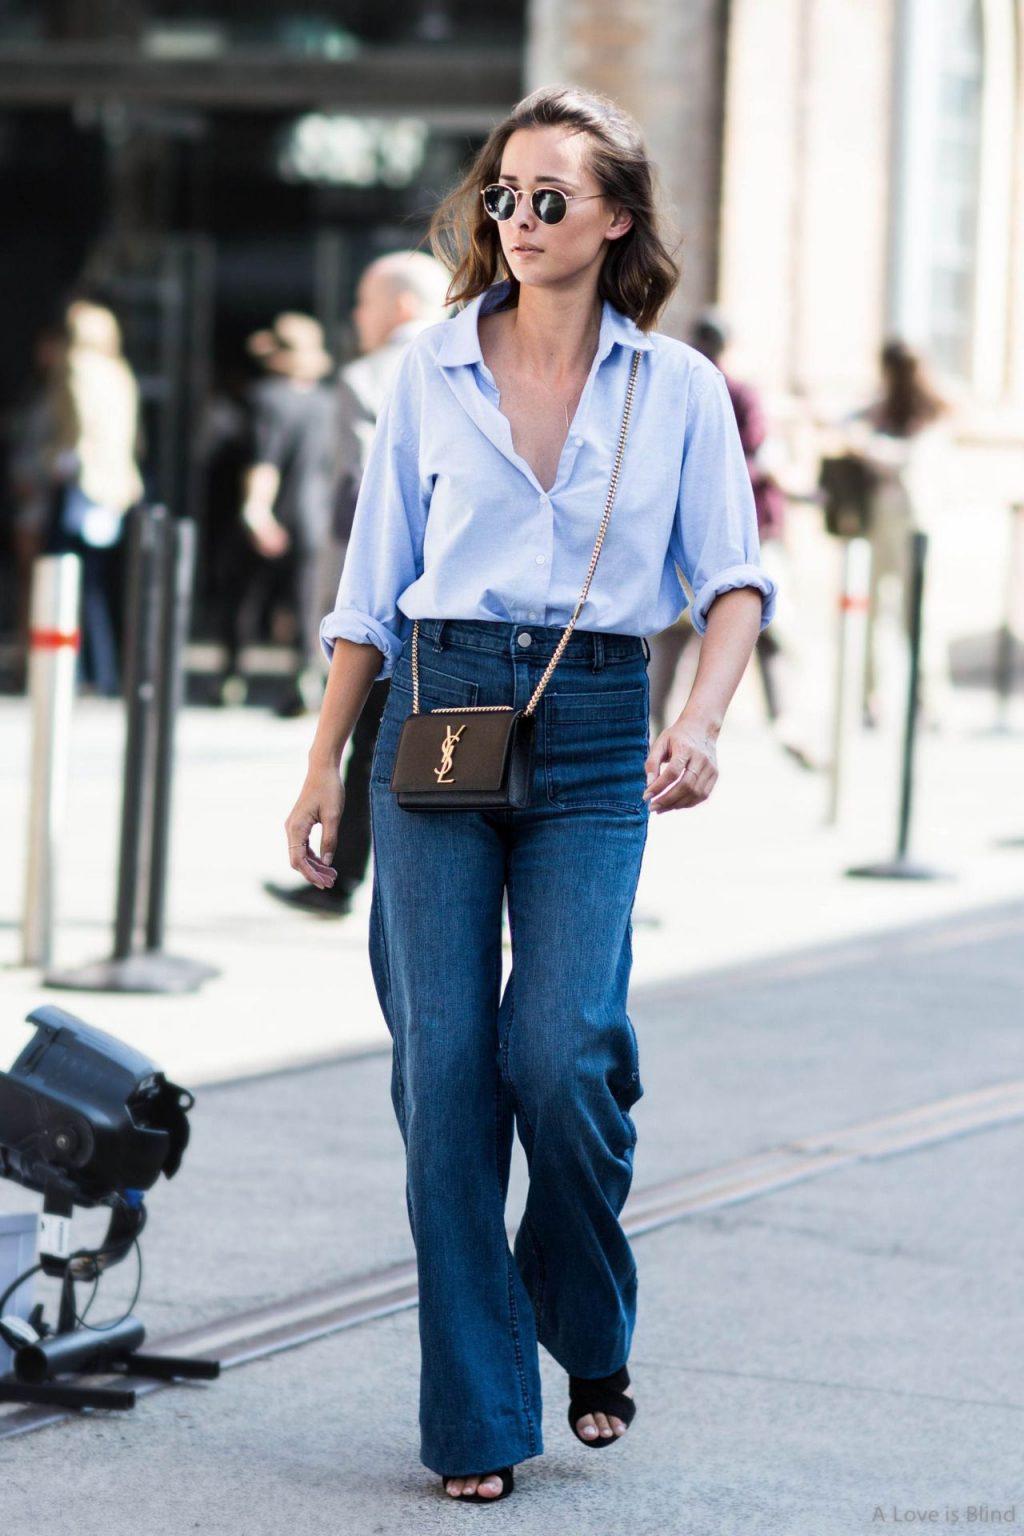 áo sơ mi màu xanh và quần jeans